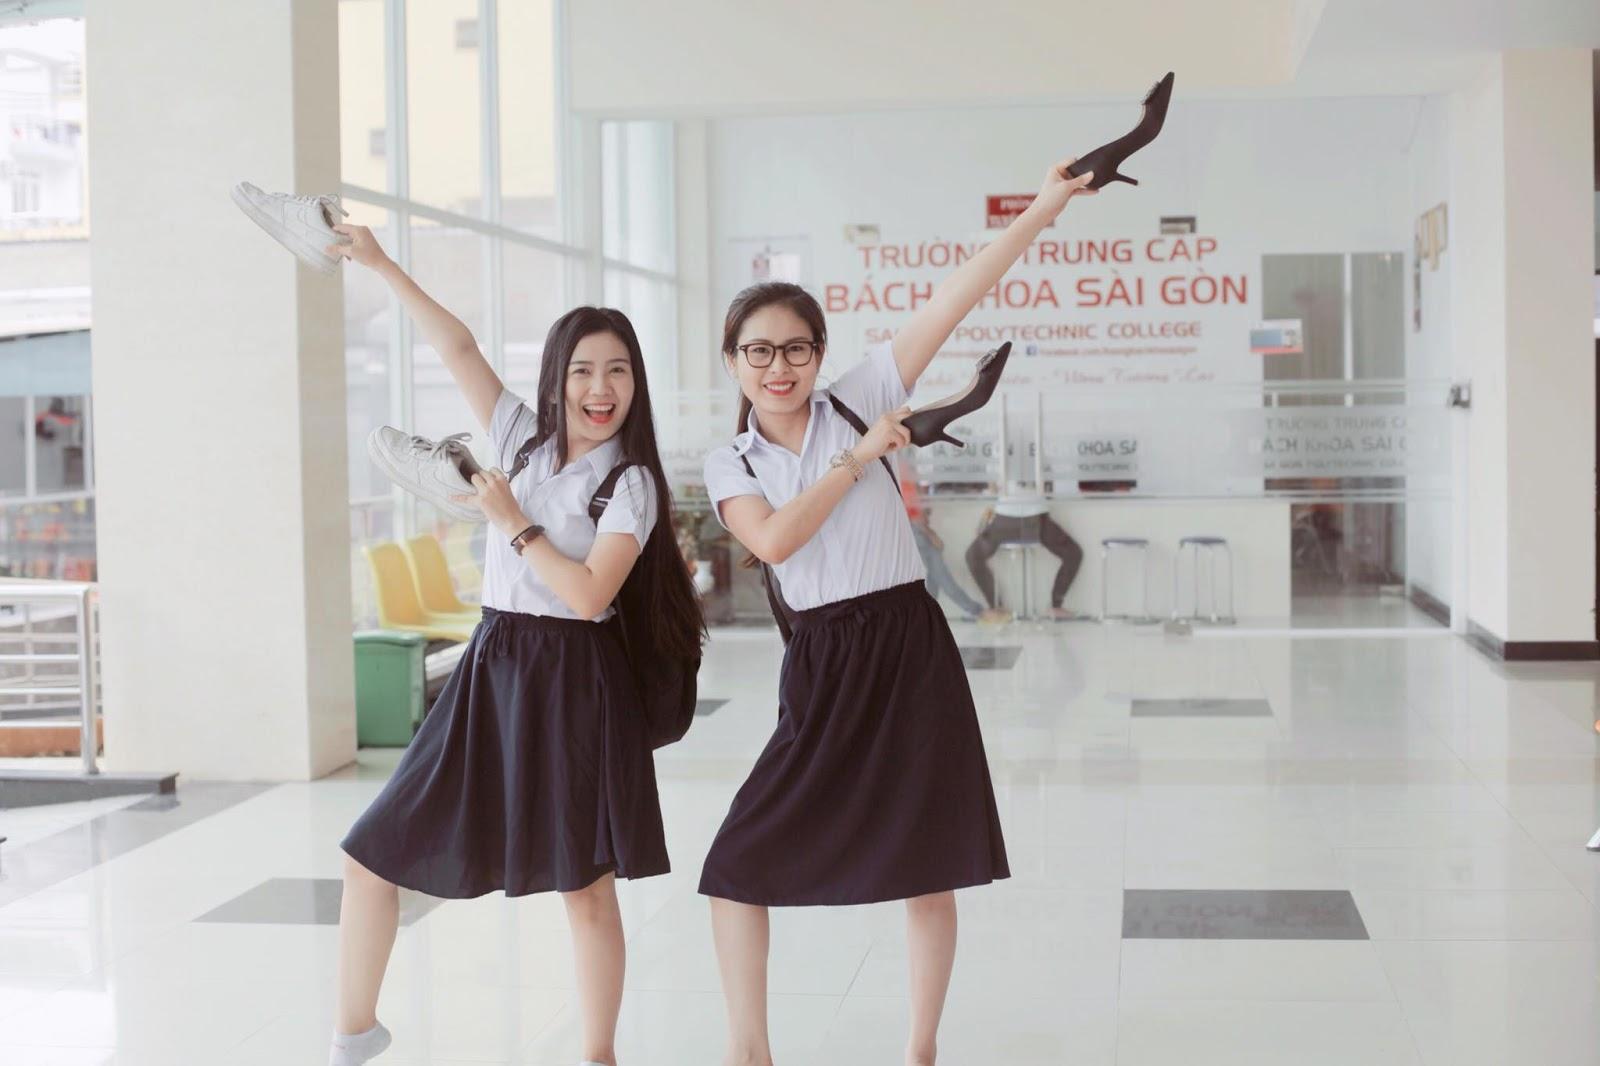 anh do thu faptv 2016 22 - HOT Girl Đỗ Thư FAPTV Gợi Cảm Quyến Rũ Mũm Mĩm Đáng Yêu